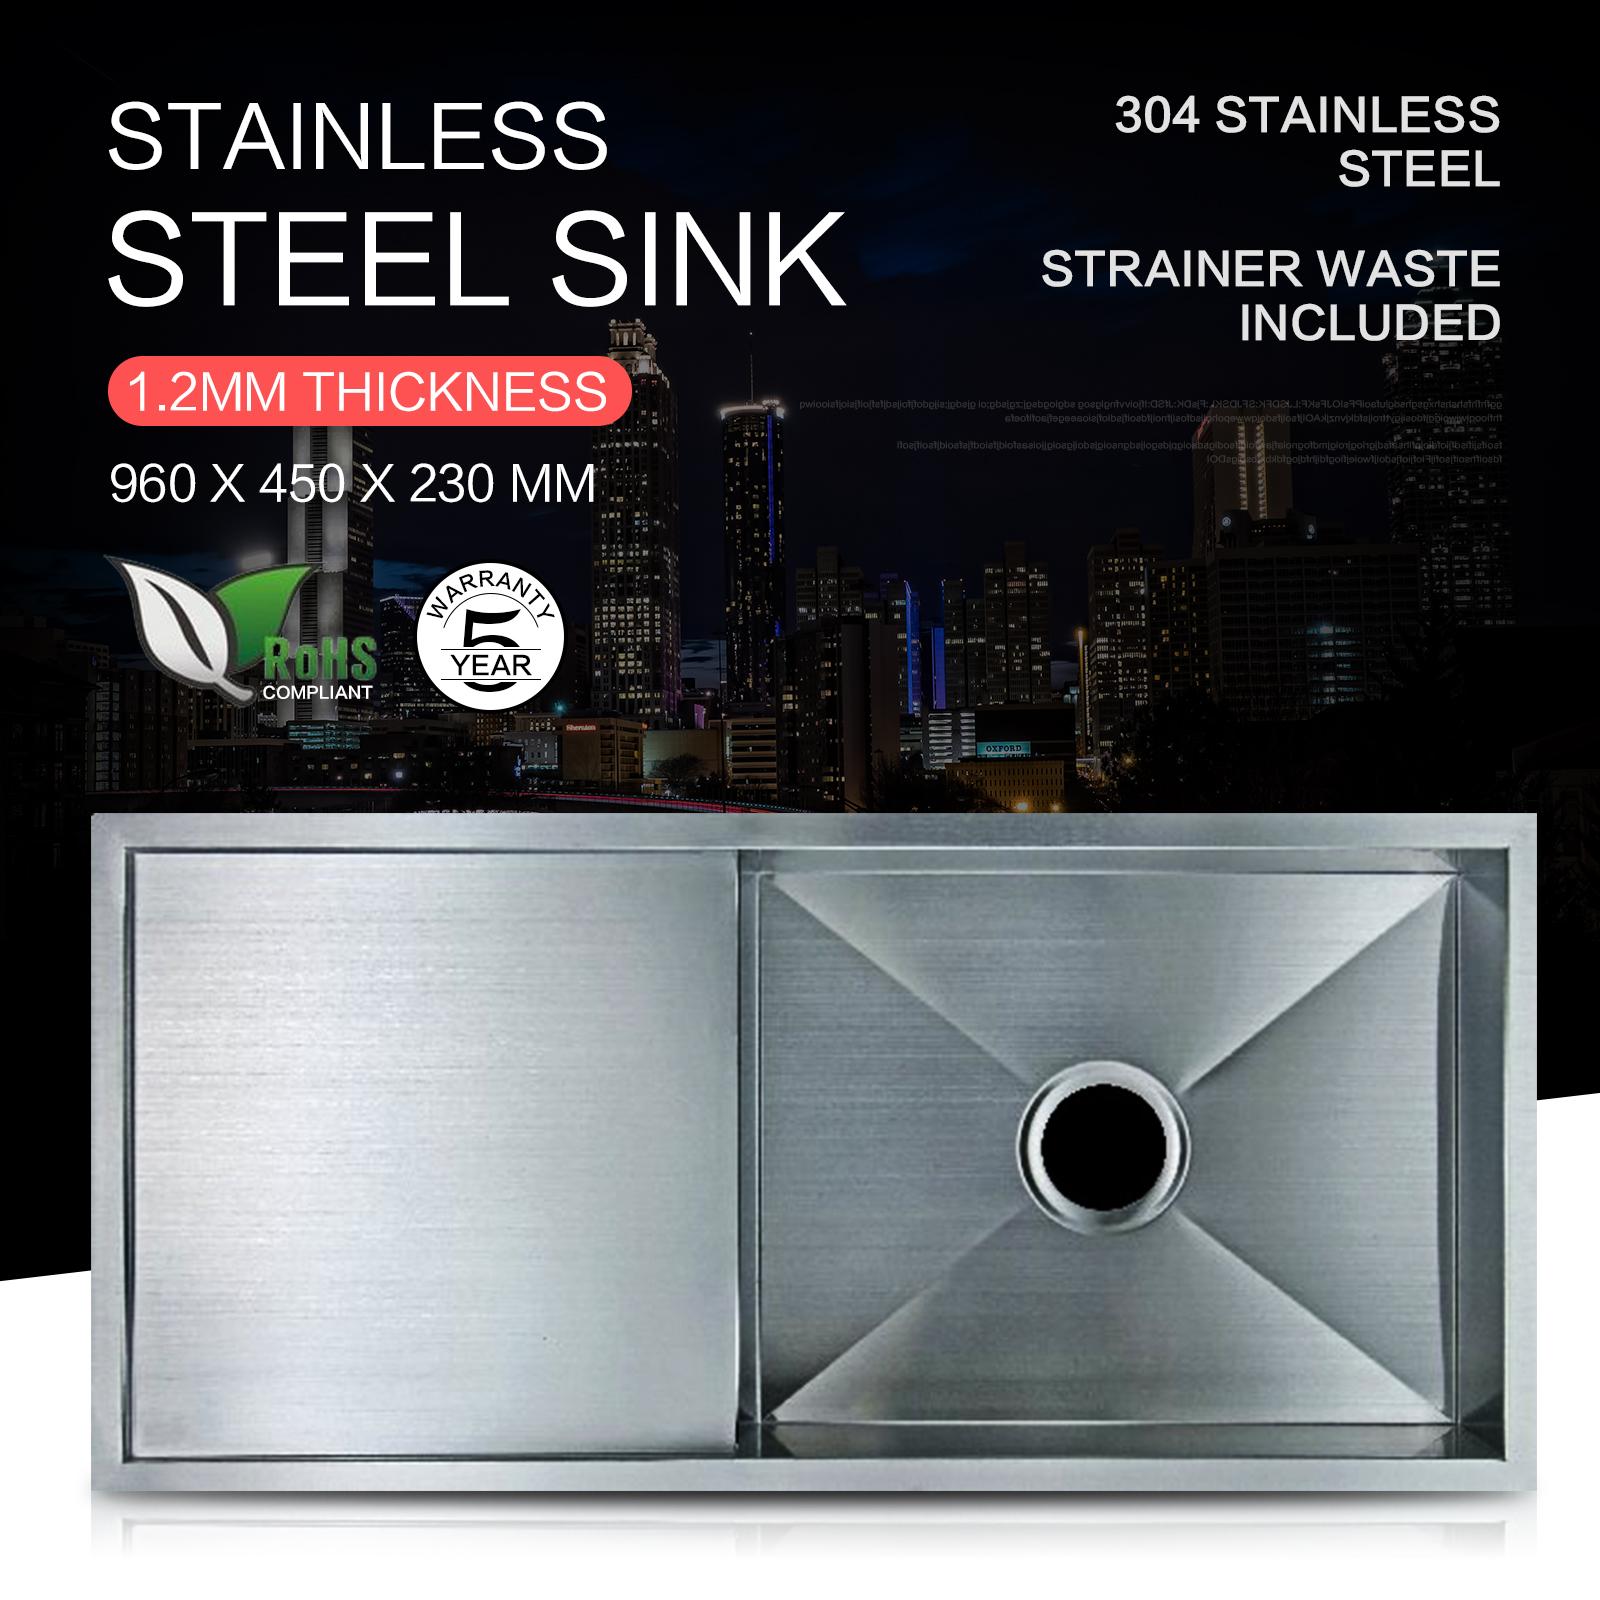 Stainless Steel Kitchen Sink Bowl Under Topmount Laundry